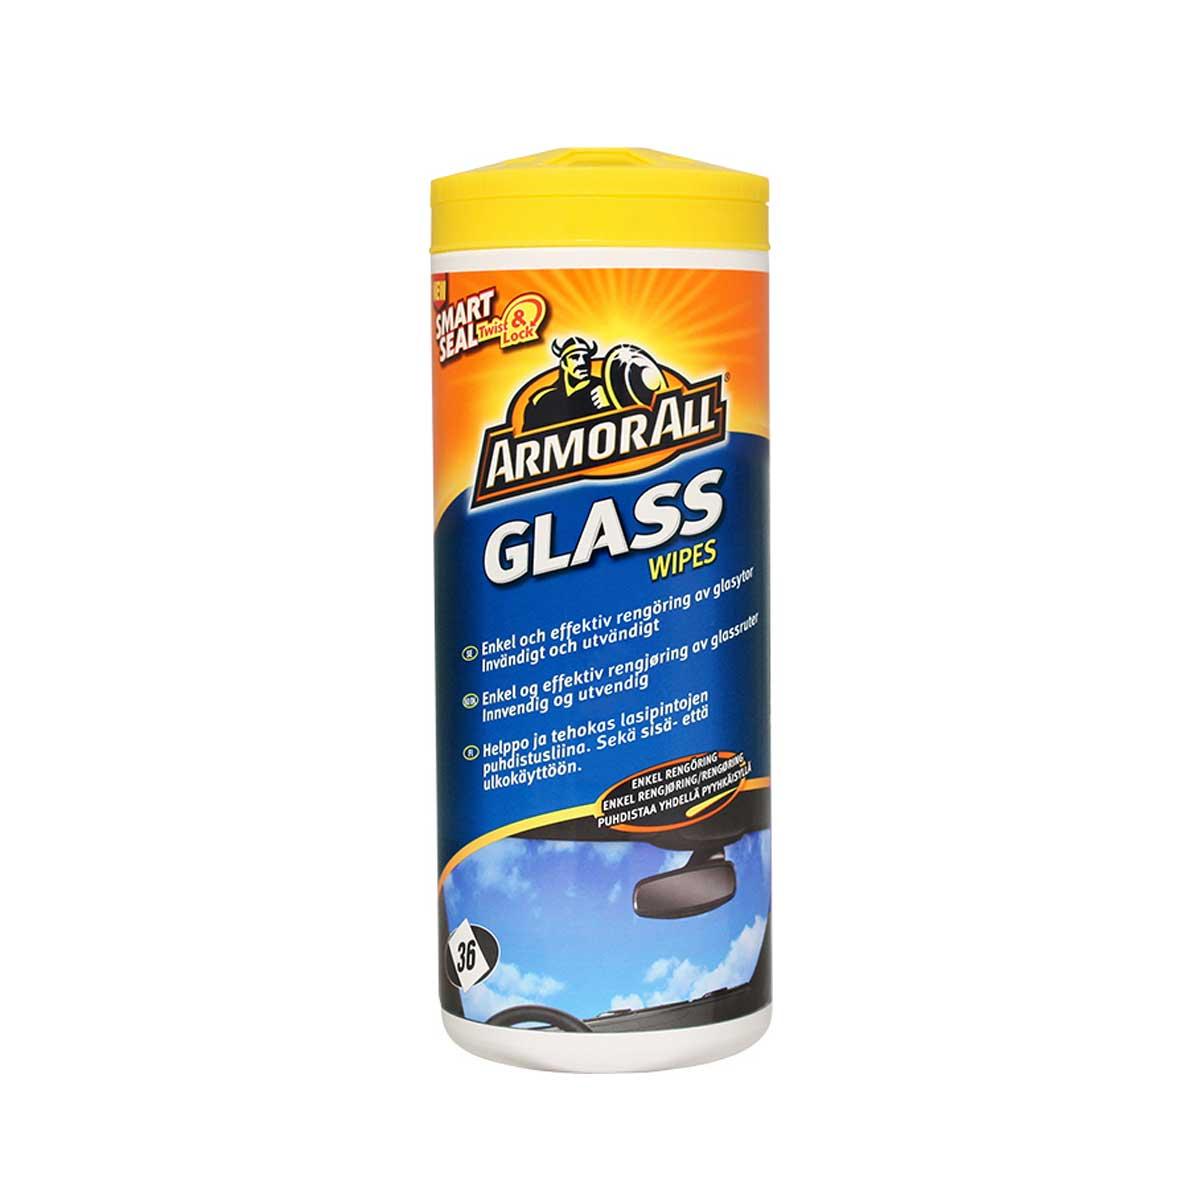 Våtservetter Glas Armor All Glass Wipes, 36 st